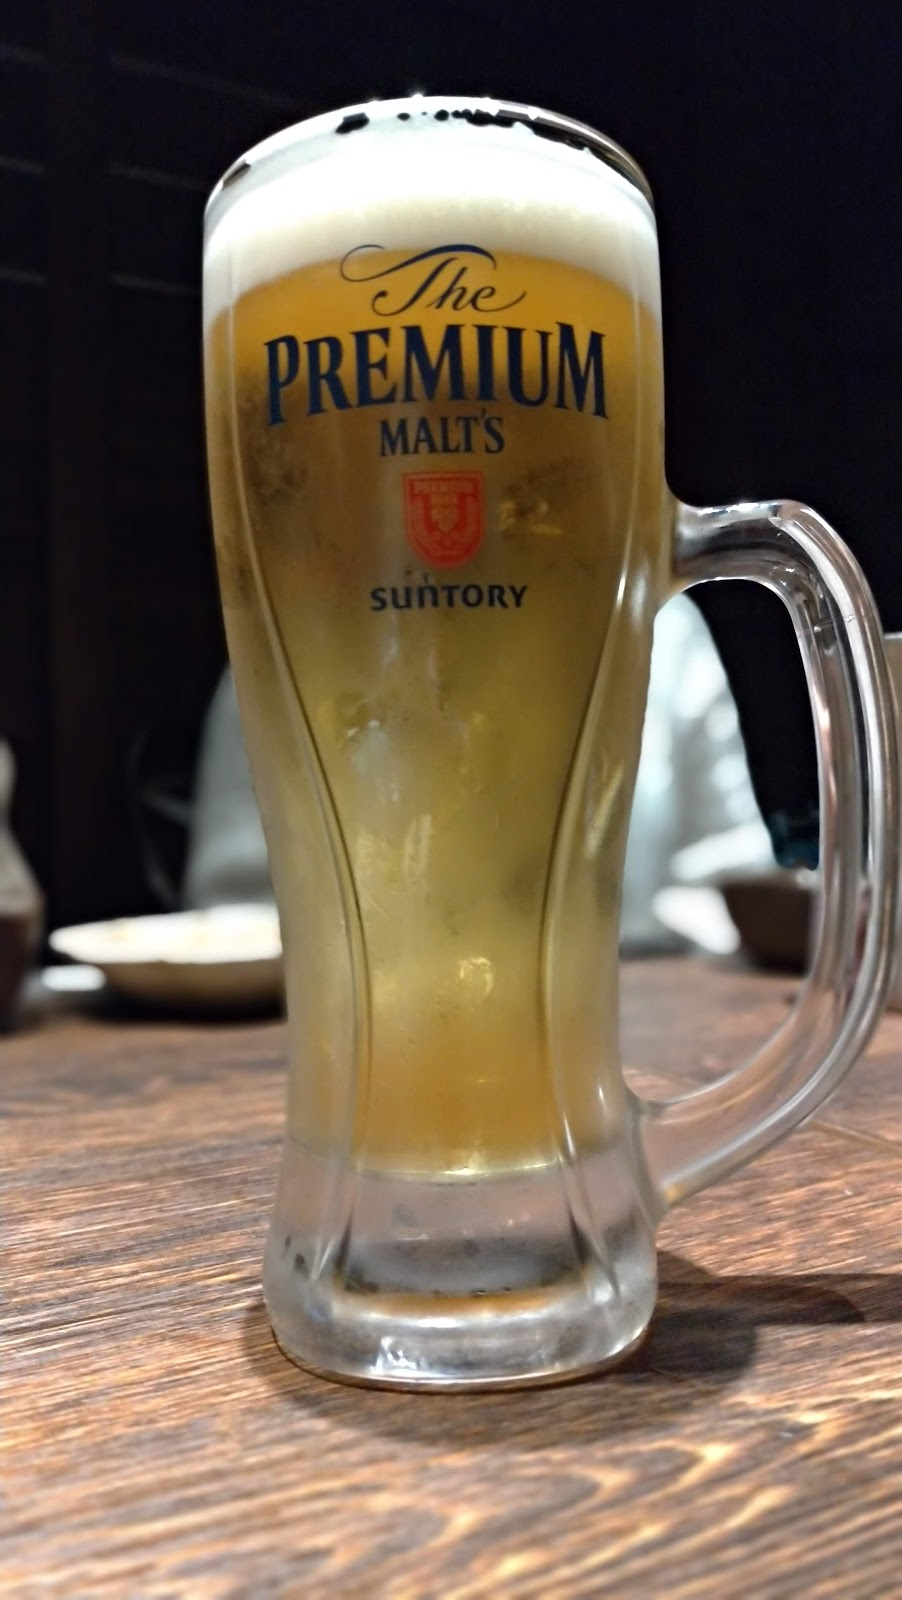 ビール 長崎市居酒屋の魚店亜紗 (うおだなあさ)がスーパーおすすめ!